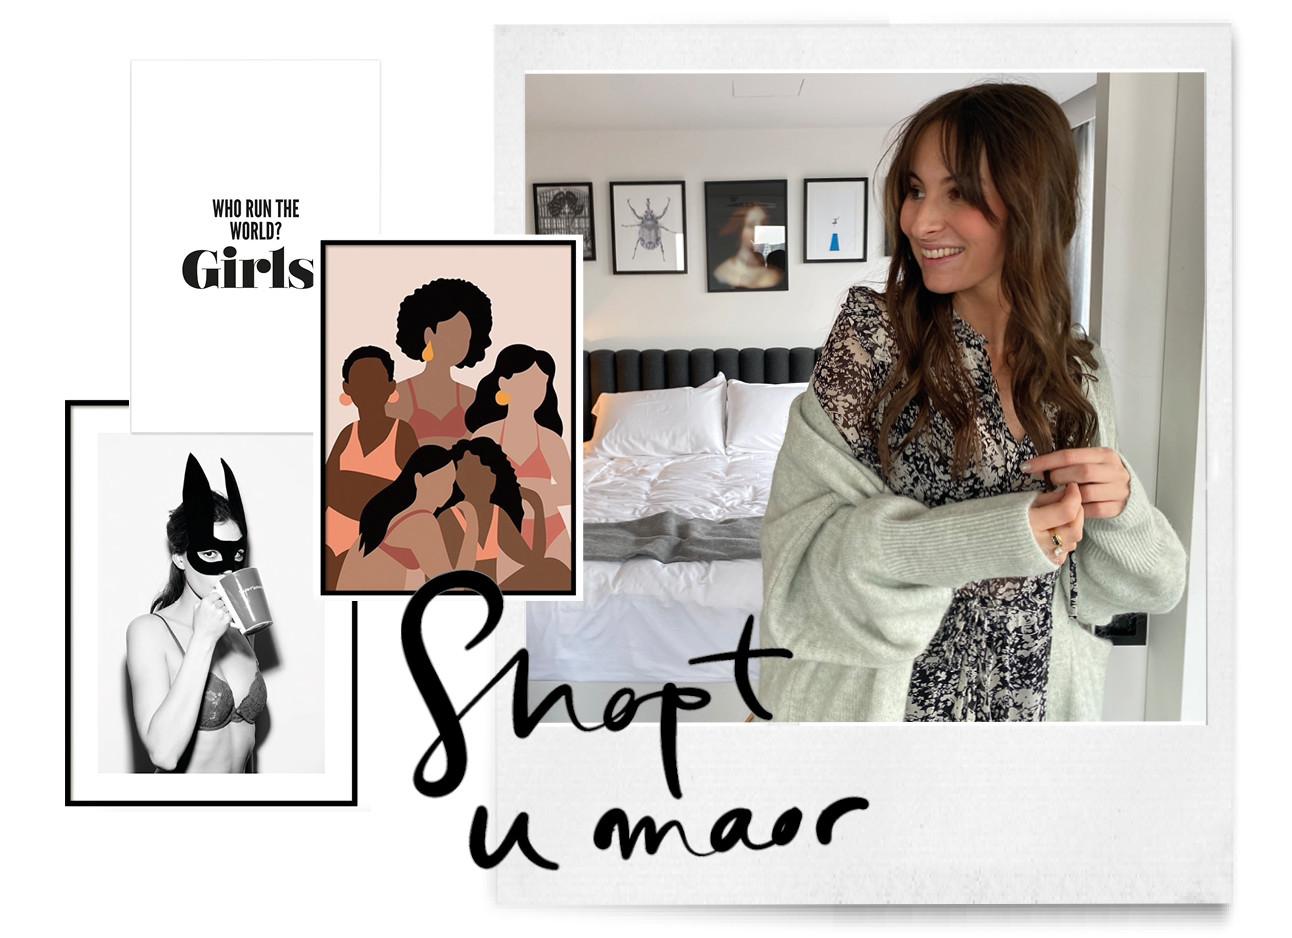 Girl power posters voor aan de muur met lilian brijl